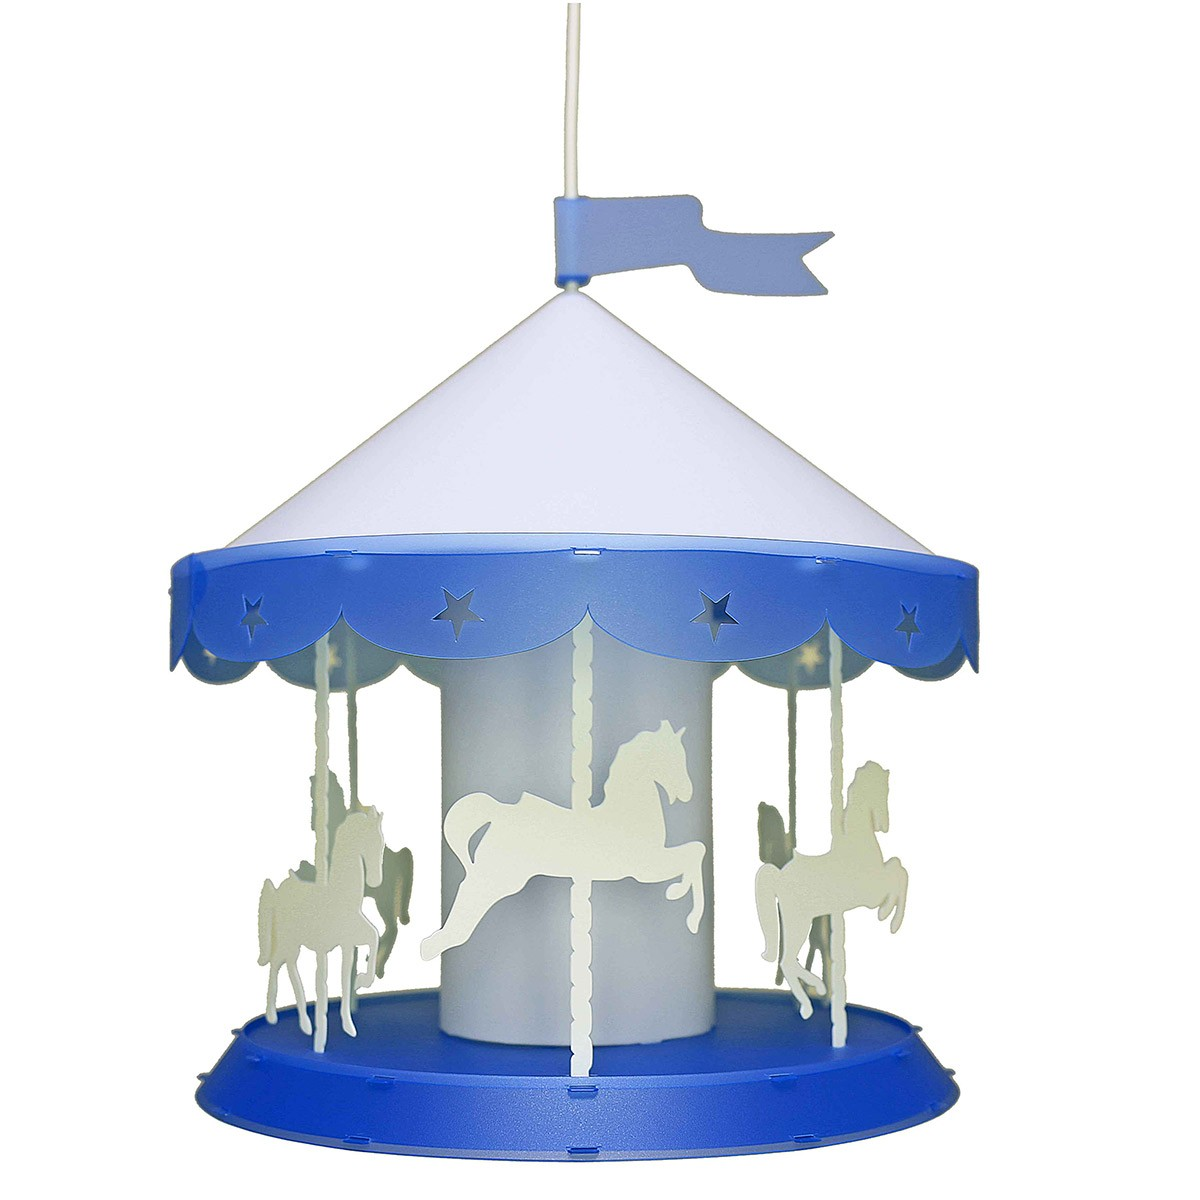 Φωτιστικό Οροφής R&M Coudert Καρουζέλ Μπλε